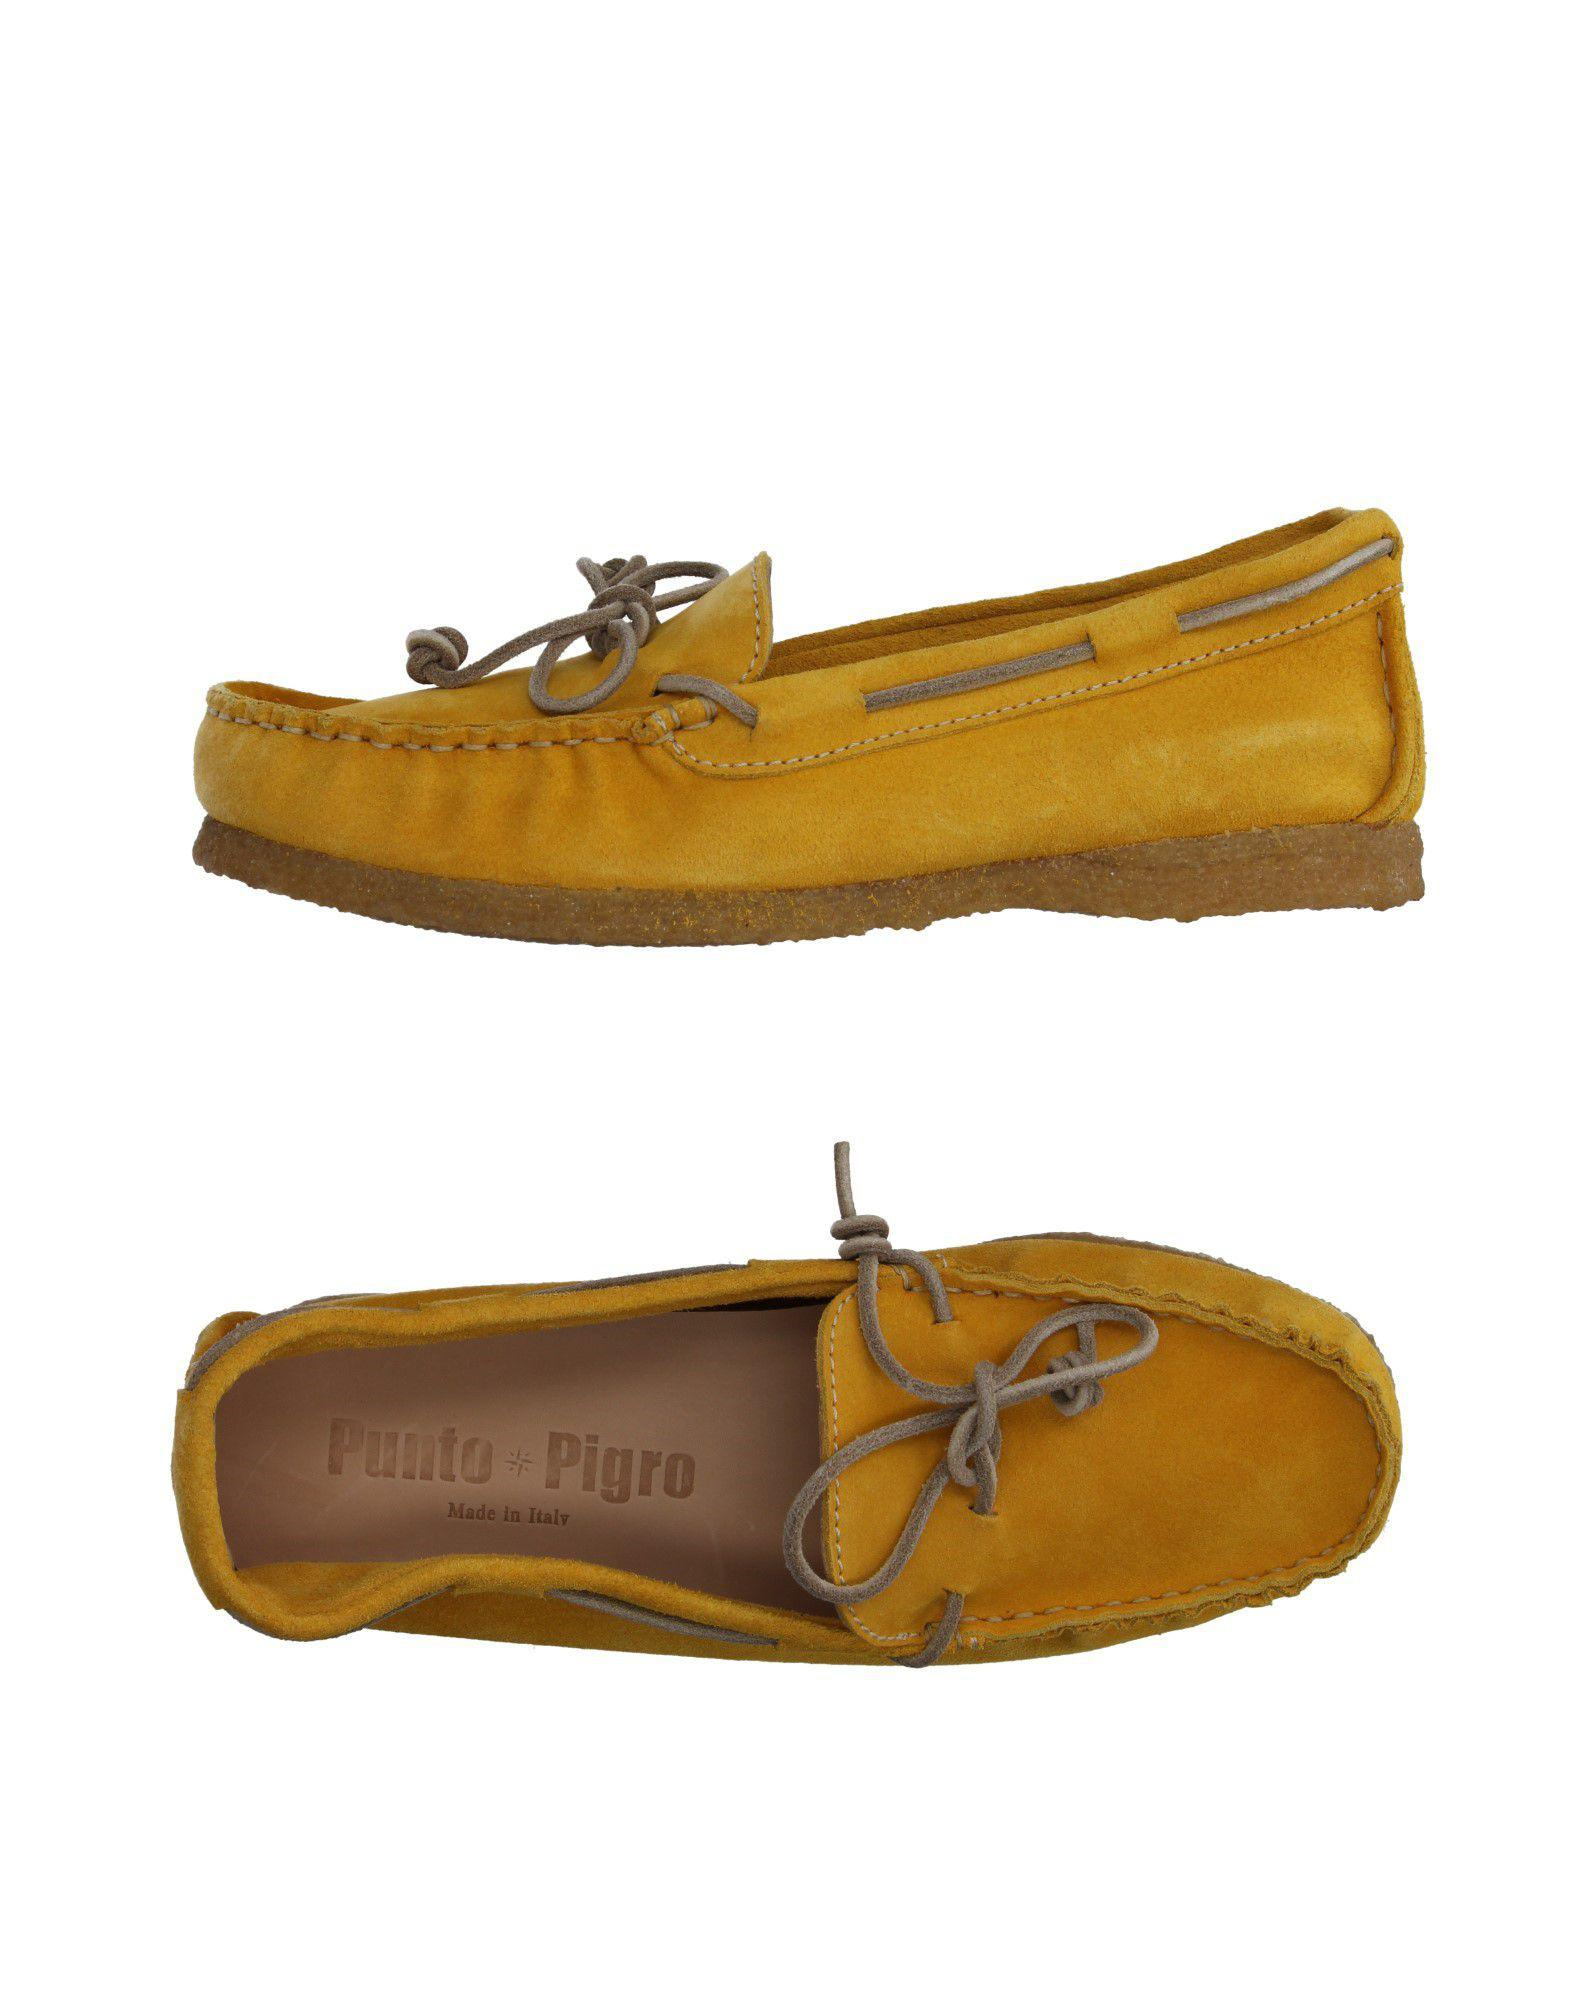 FOOTWEAR - Loafers Punto Pigro xC8LZZSXG